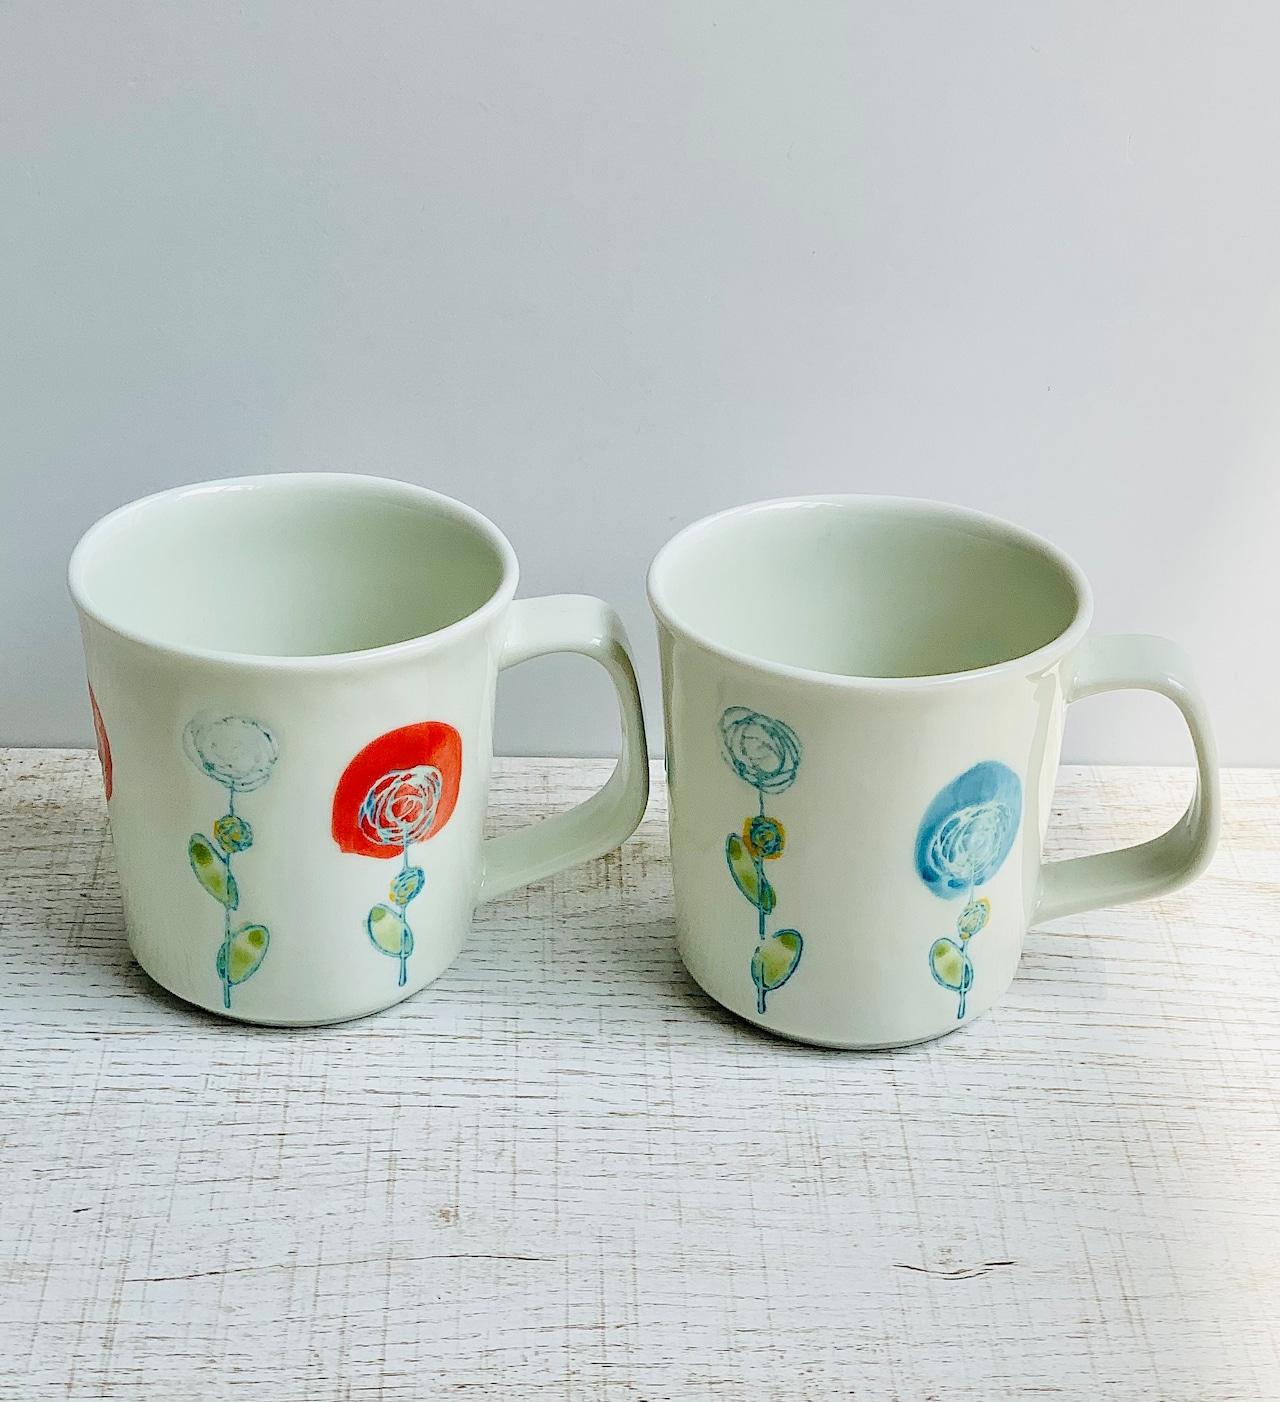 【波佐見焼】【ローザ】【 マグカップ】ミニサイズ マグ 花柄 バラ おしゃれ かわいい